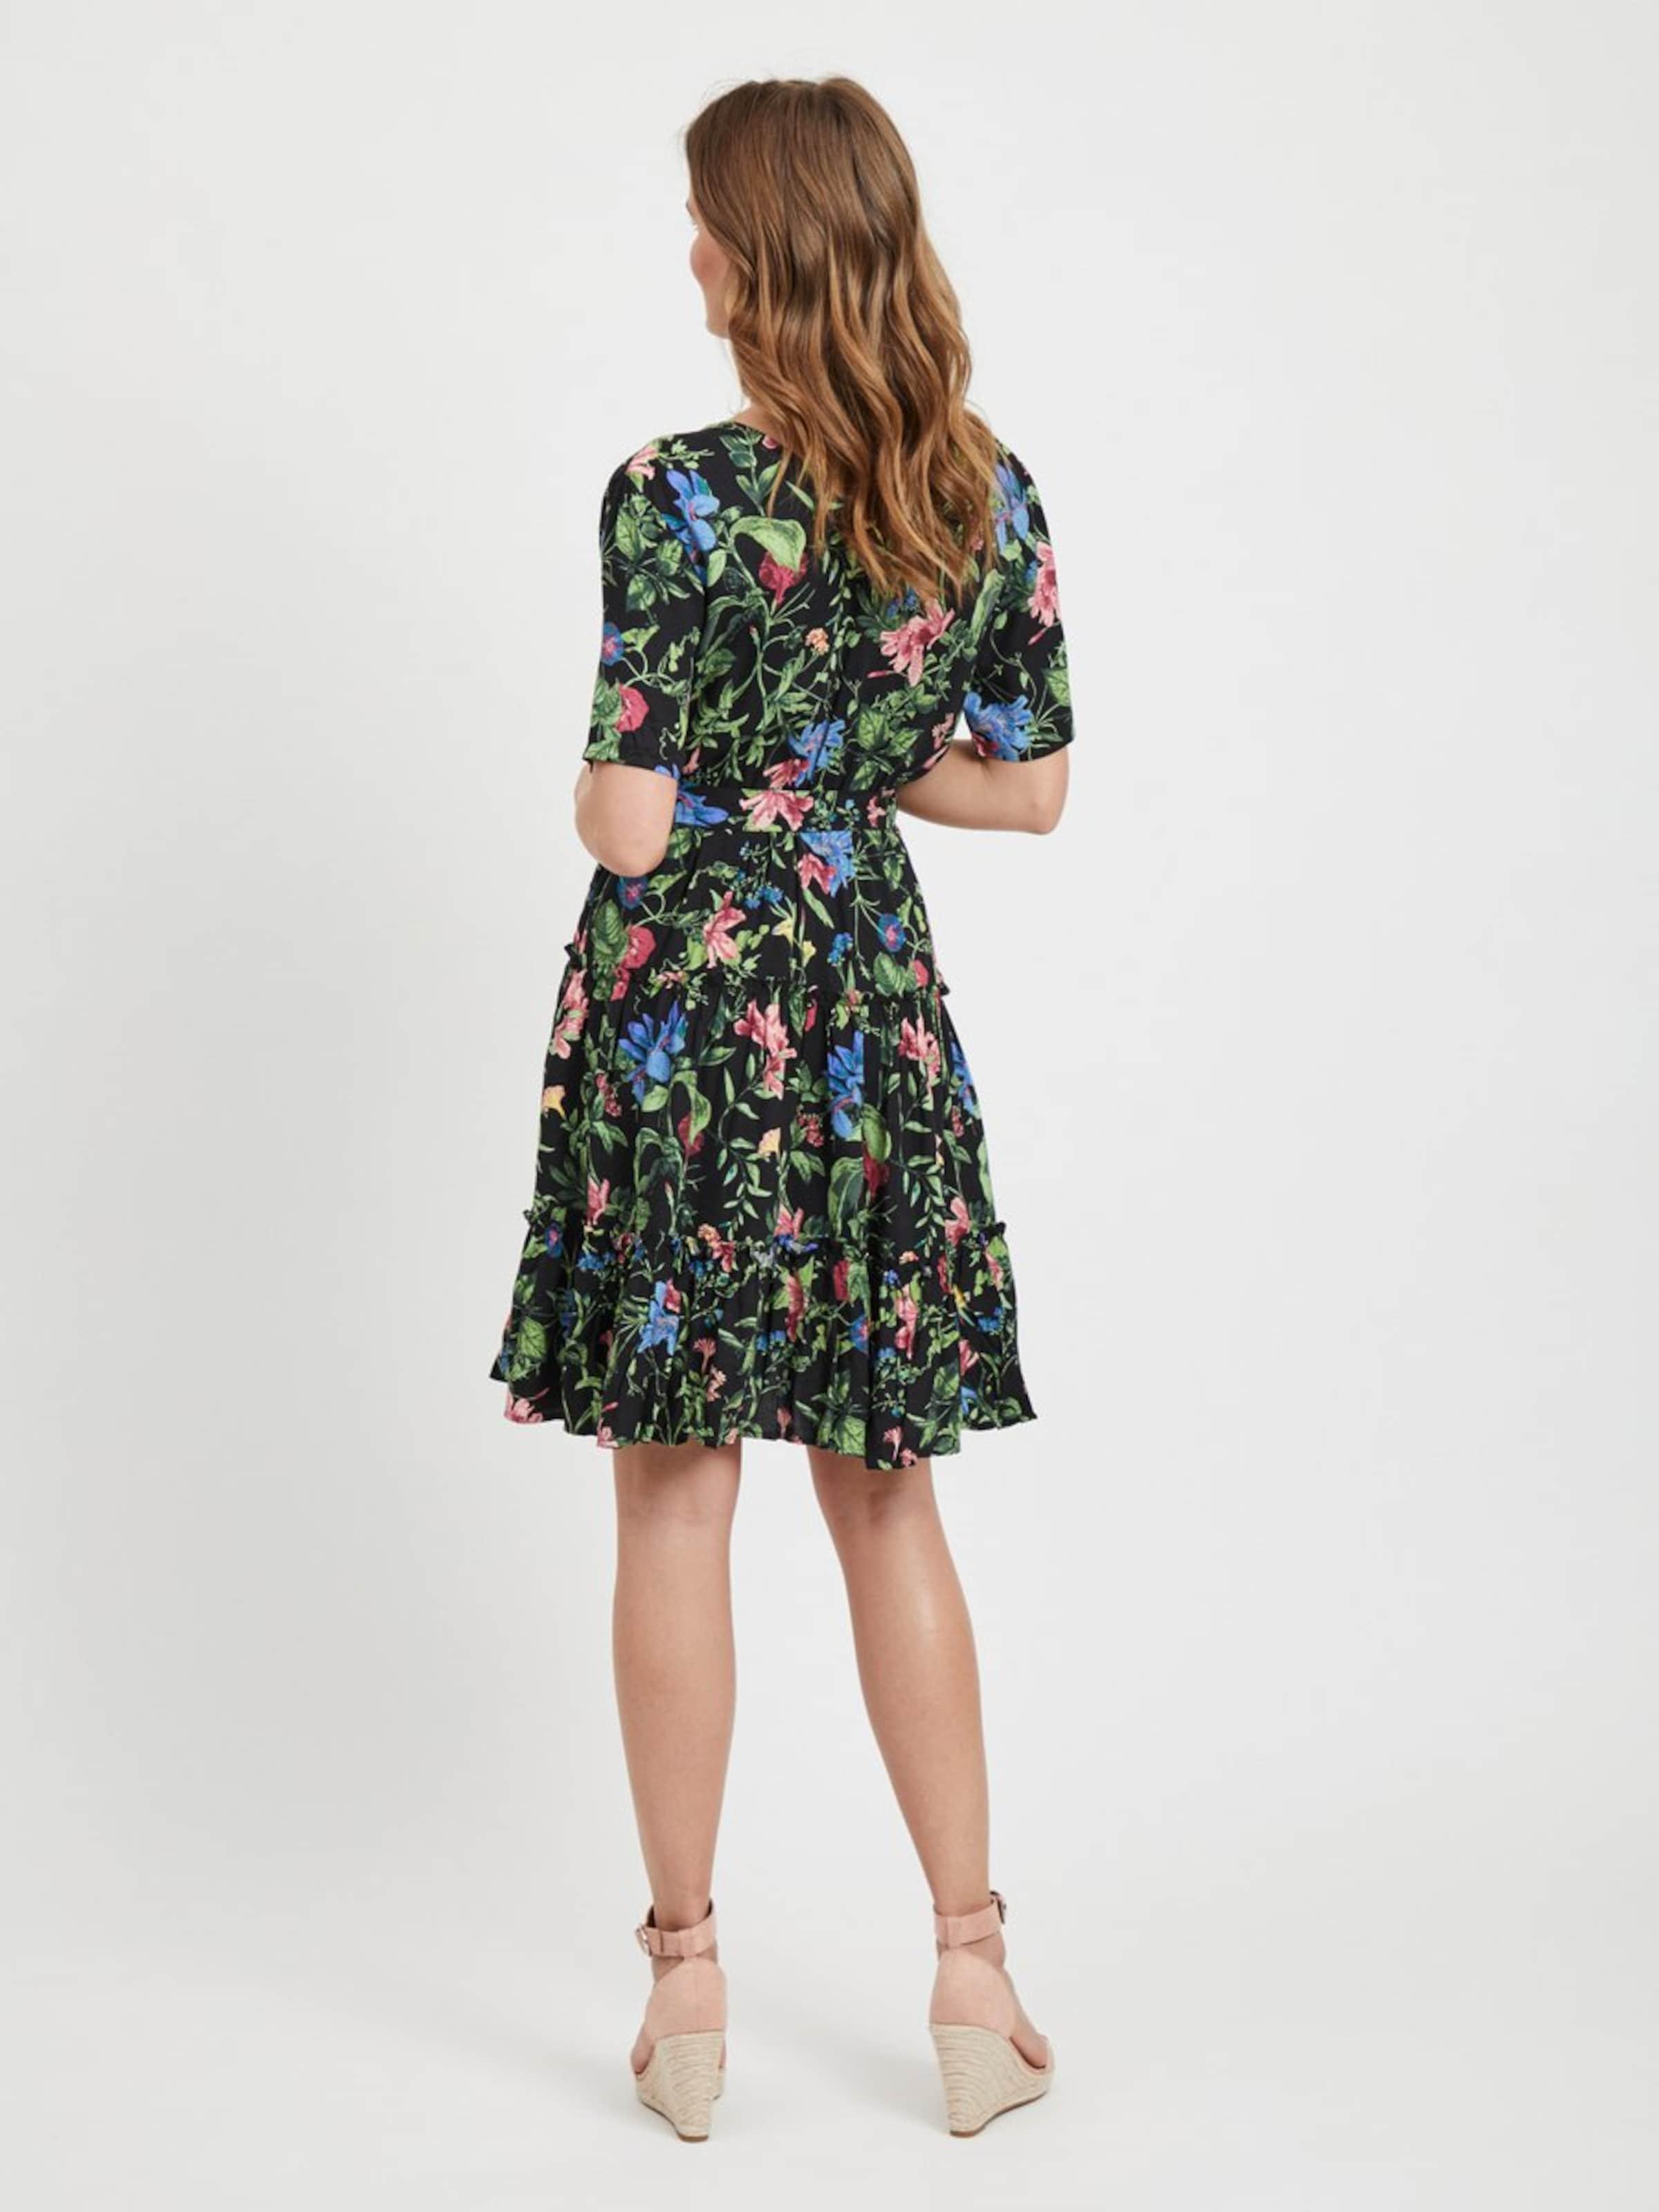 Kleid MischfarbenSchwarz Kleid Object MischfarbenSchwarz Object Object In In In Kleid QrtsCdxh